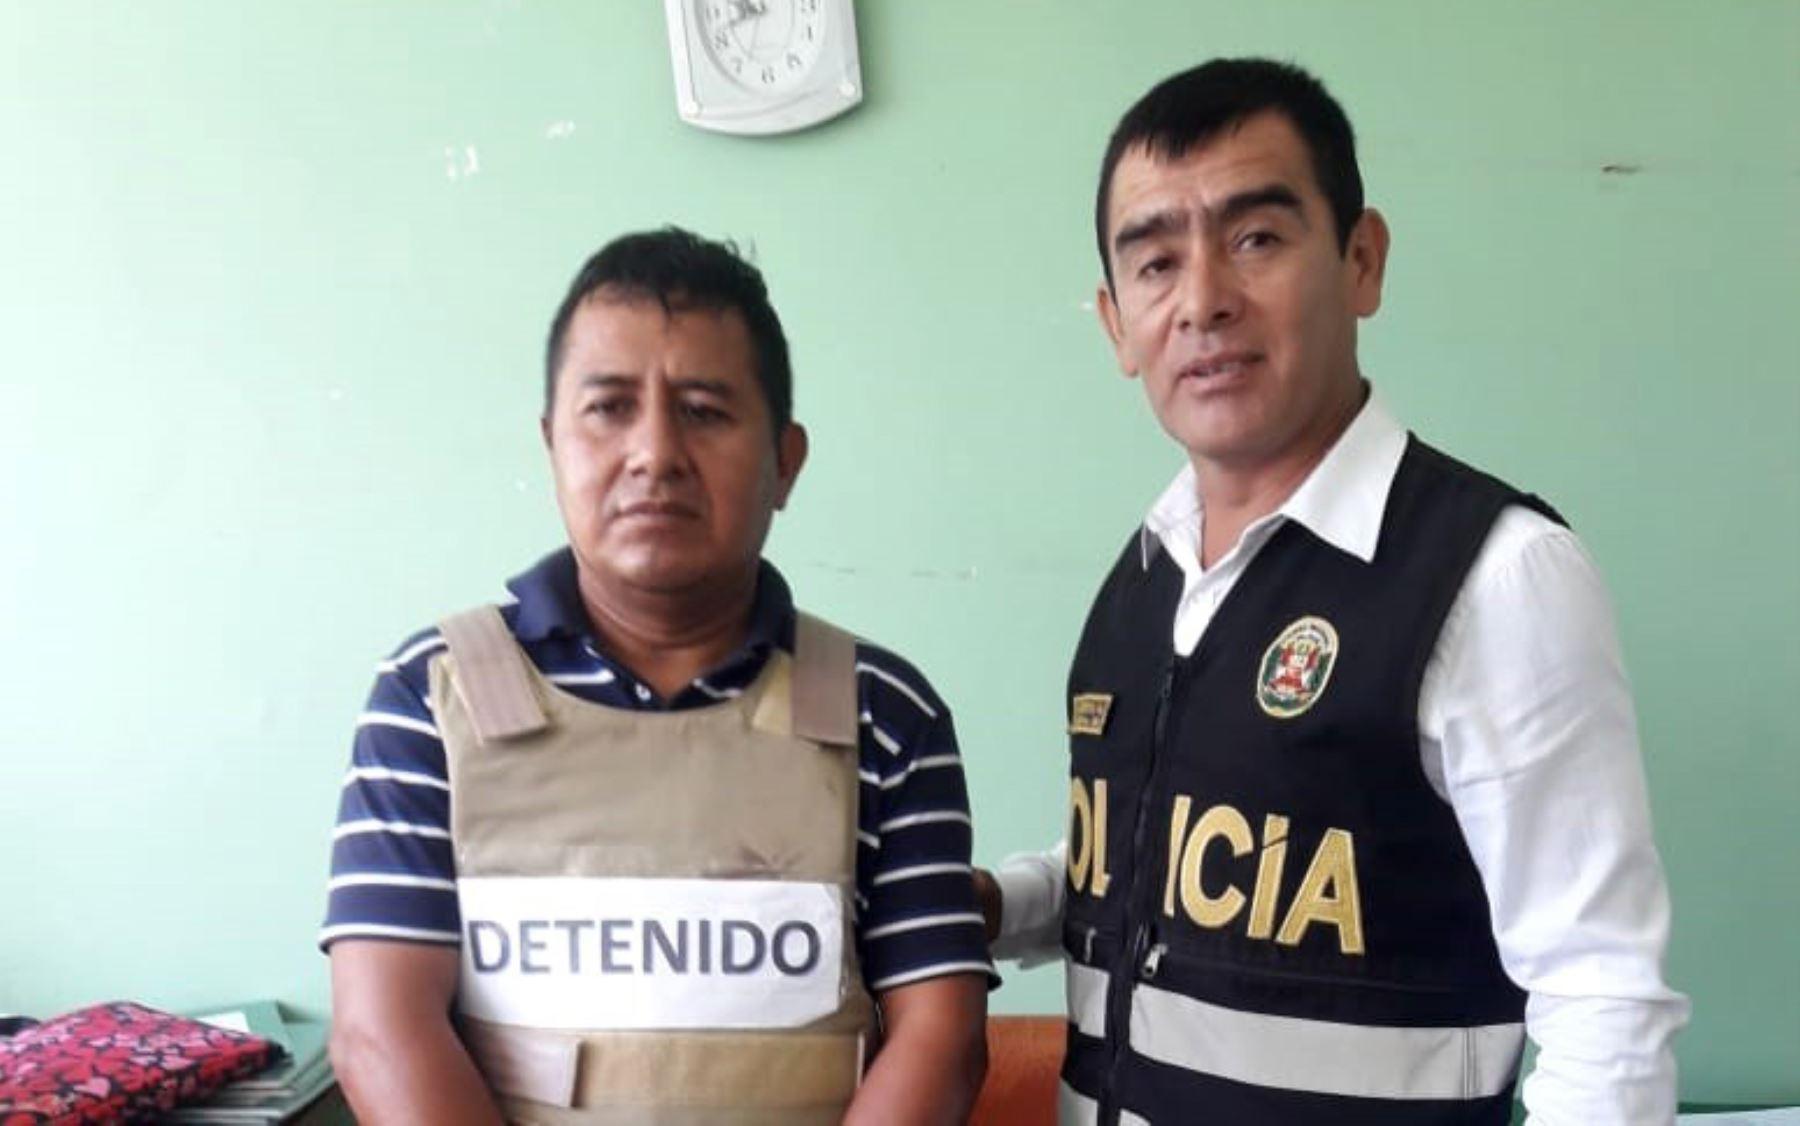 Gregorio Crisanto Tiquillahuanca (50), requisitoriado por el delito de terrorismo, fue intervenido en Chiclayo, región Lambayeque. Foto: ANDINA/Difusión